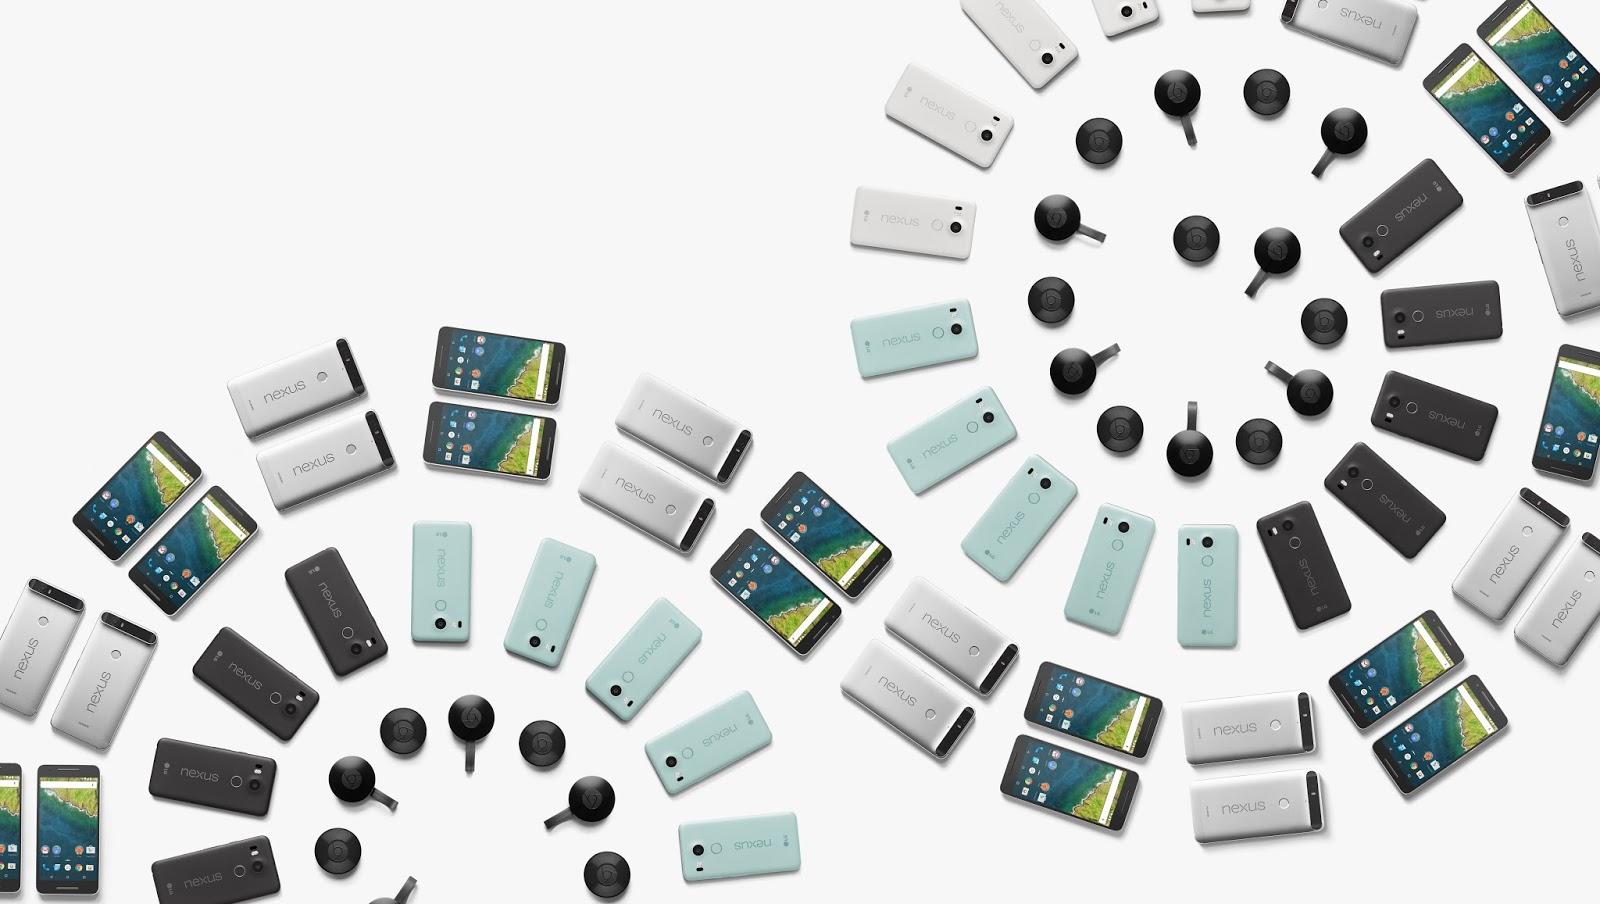 HTC Marlin : une grosse batterie pour alimenter l'écran 2K du Nexus 2016